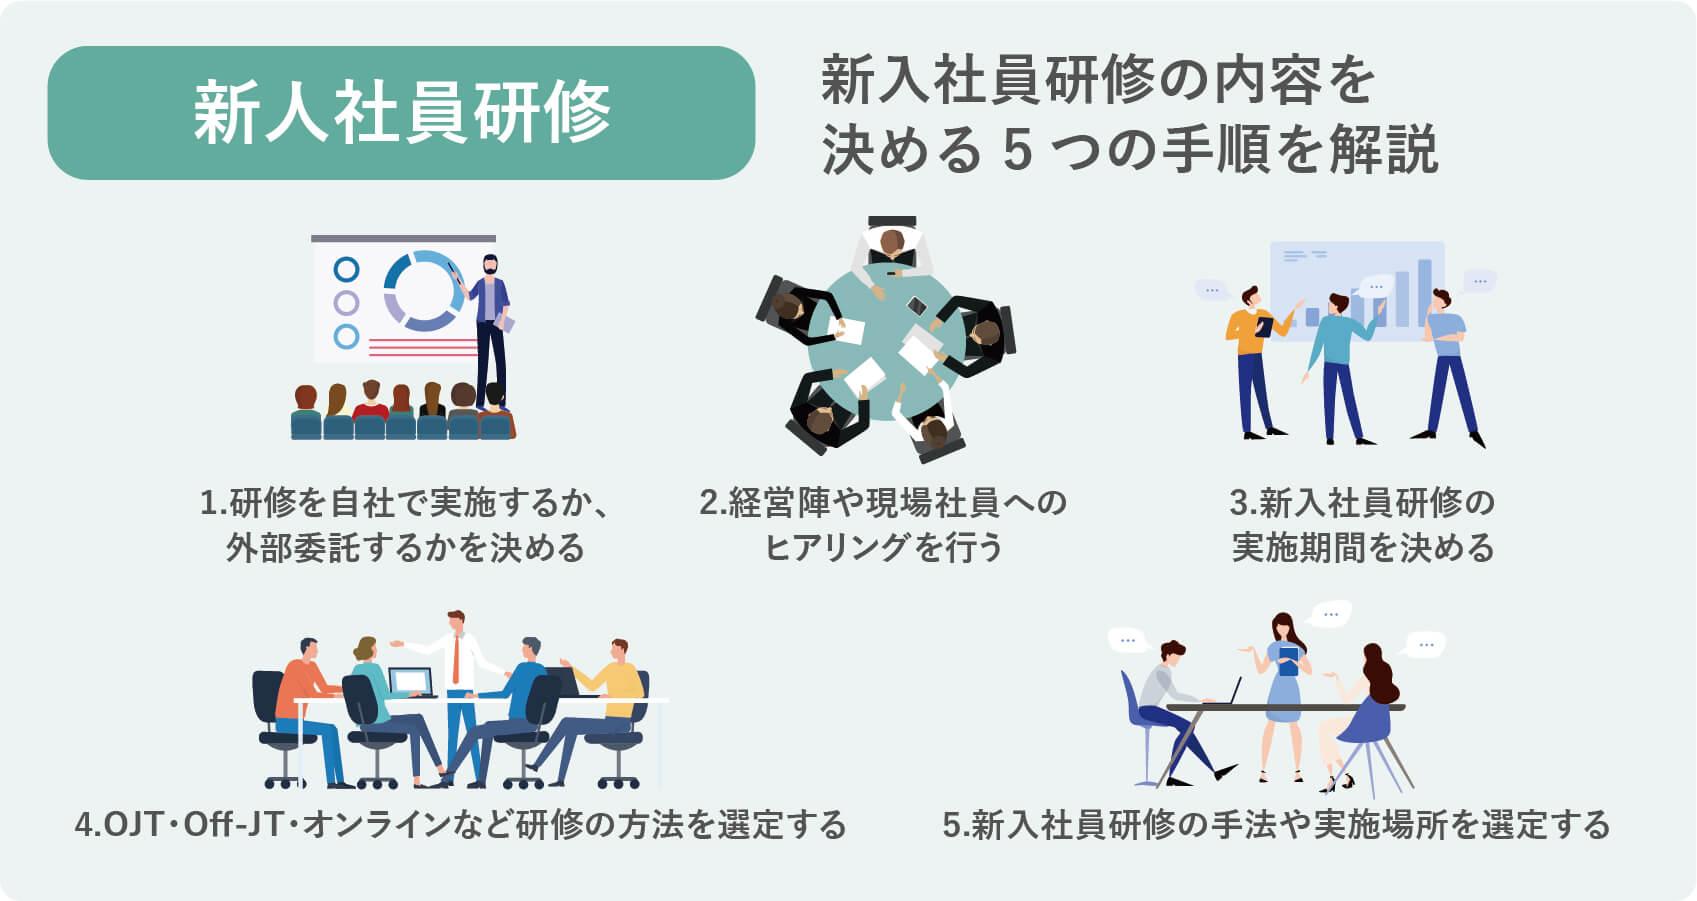 新入社員研修の内容を決める手順